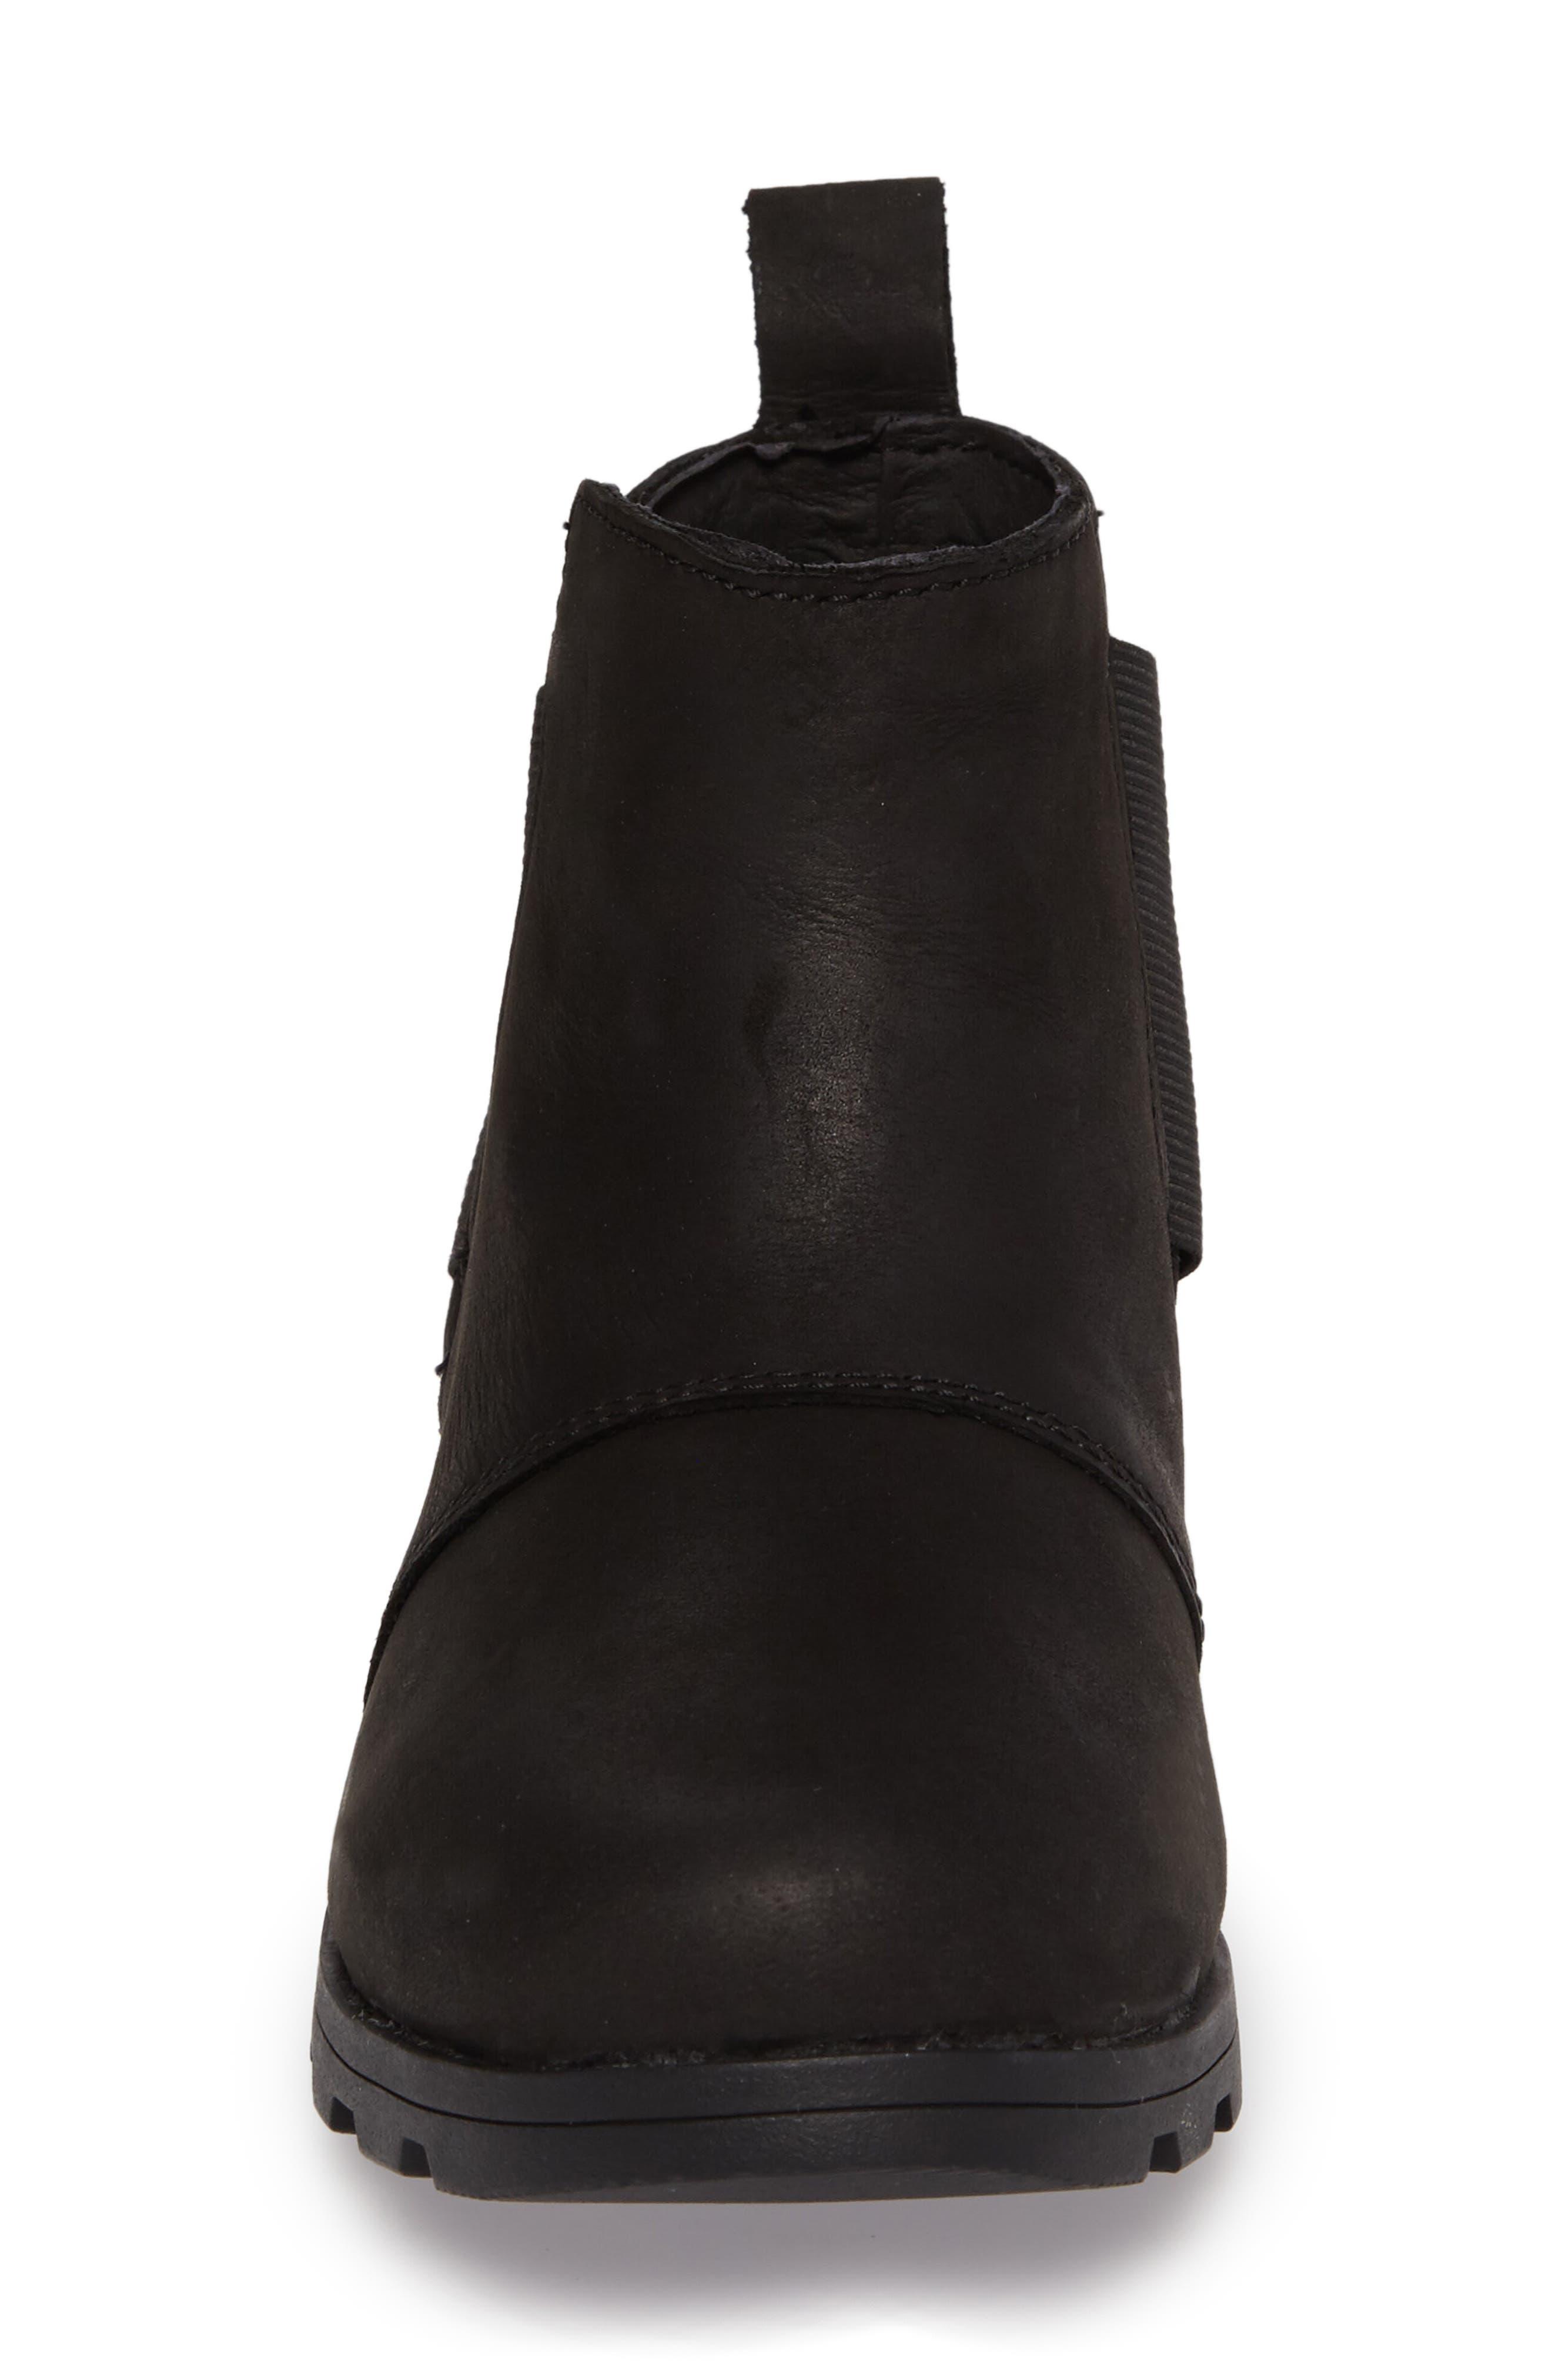 Emelie Waterproof Chelsea Boot,                             Alternate thumbnail 4, color,                             Black/ Black